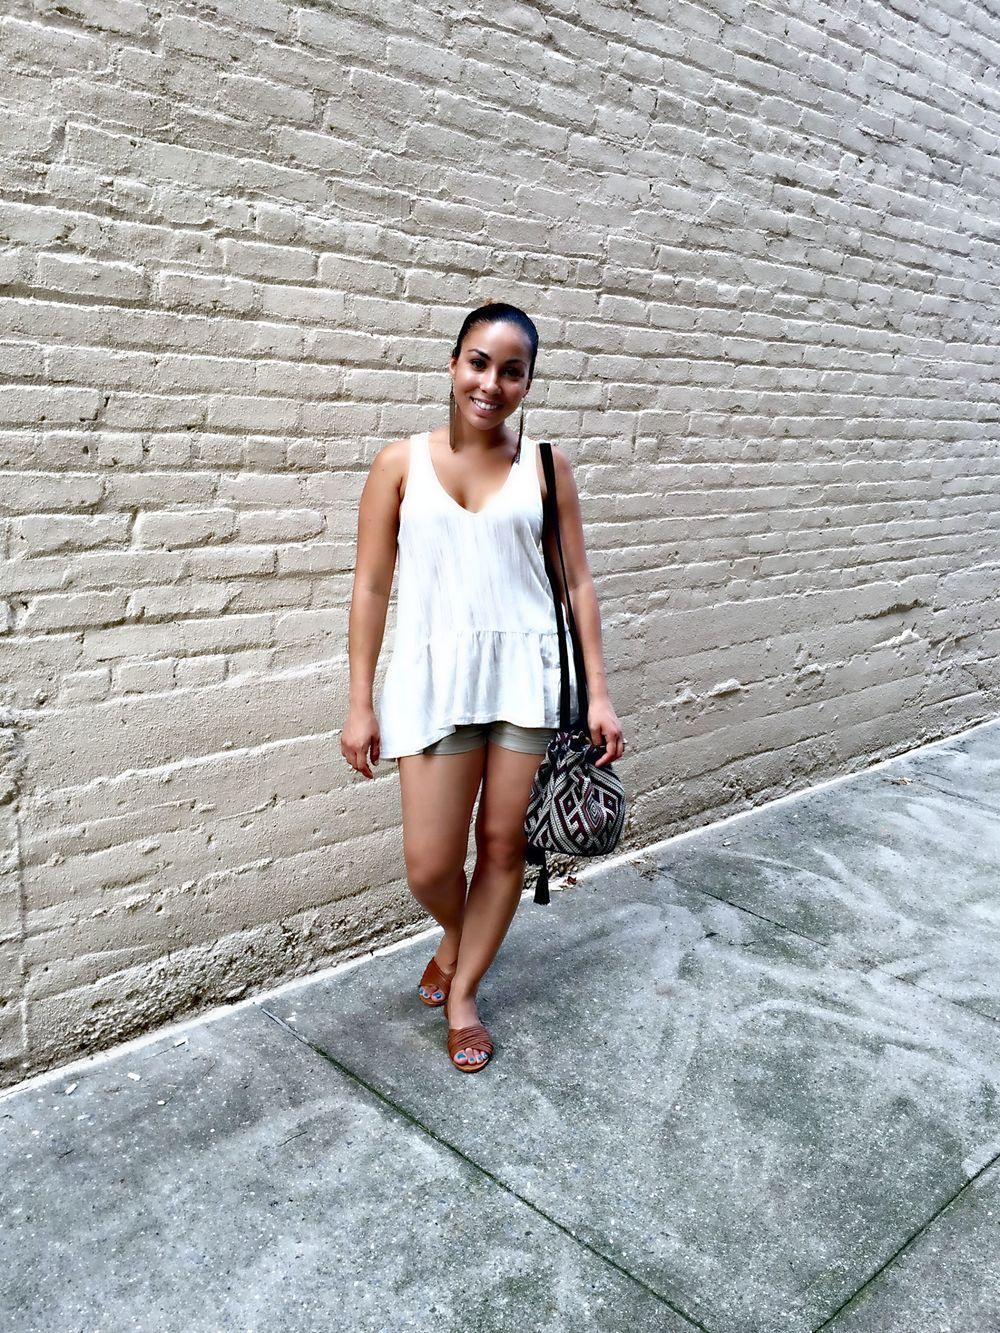 H&M Shirt | H&M Shorts | Lulus Peep Toe Flats | Forever 21 Tribal Print Bucket Bag (similar) | Forever 21 Fringe Earrings (different options)